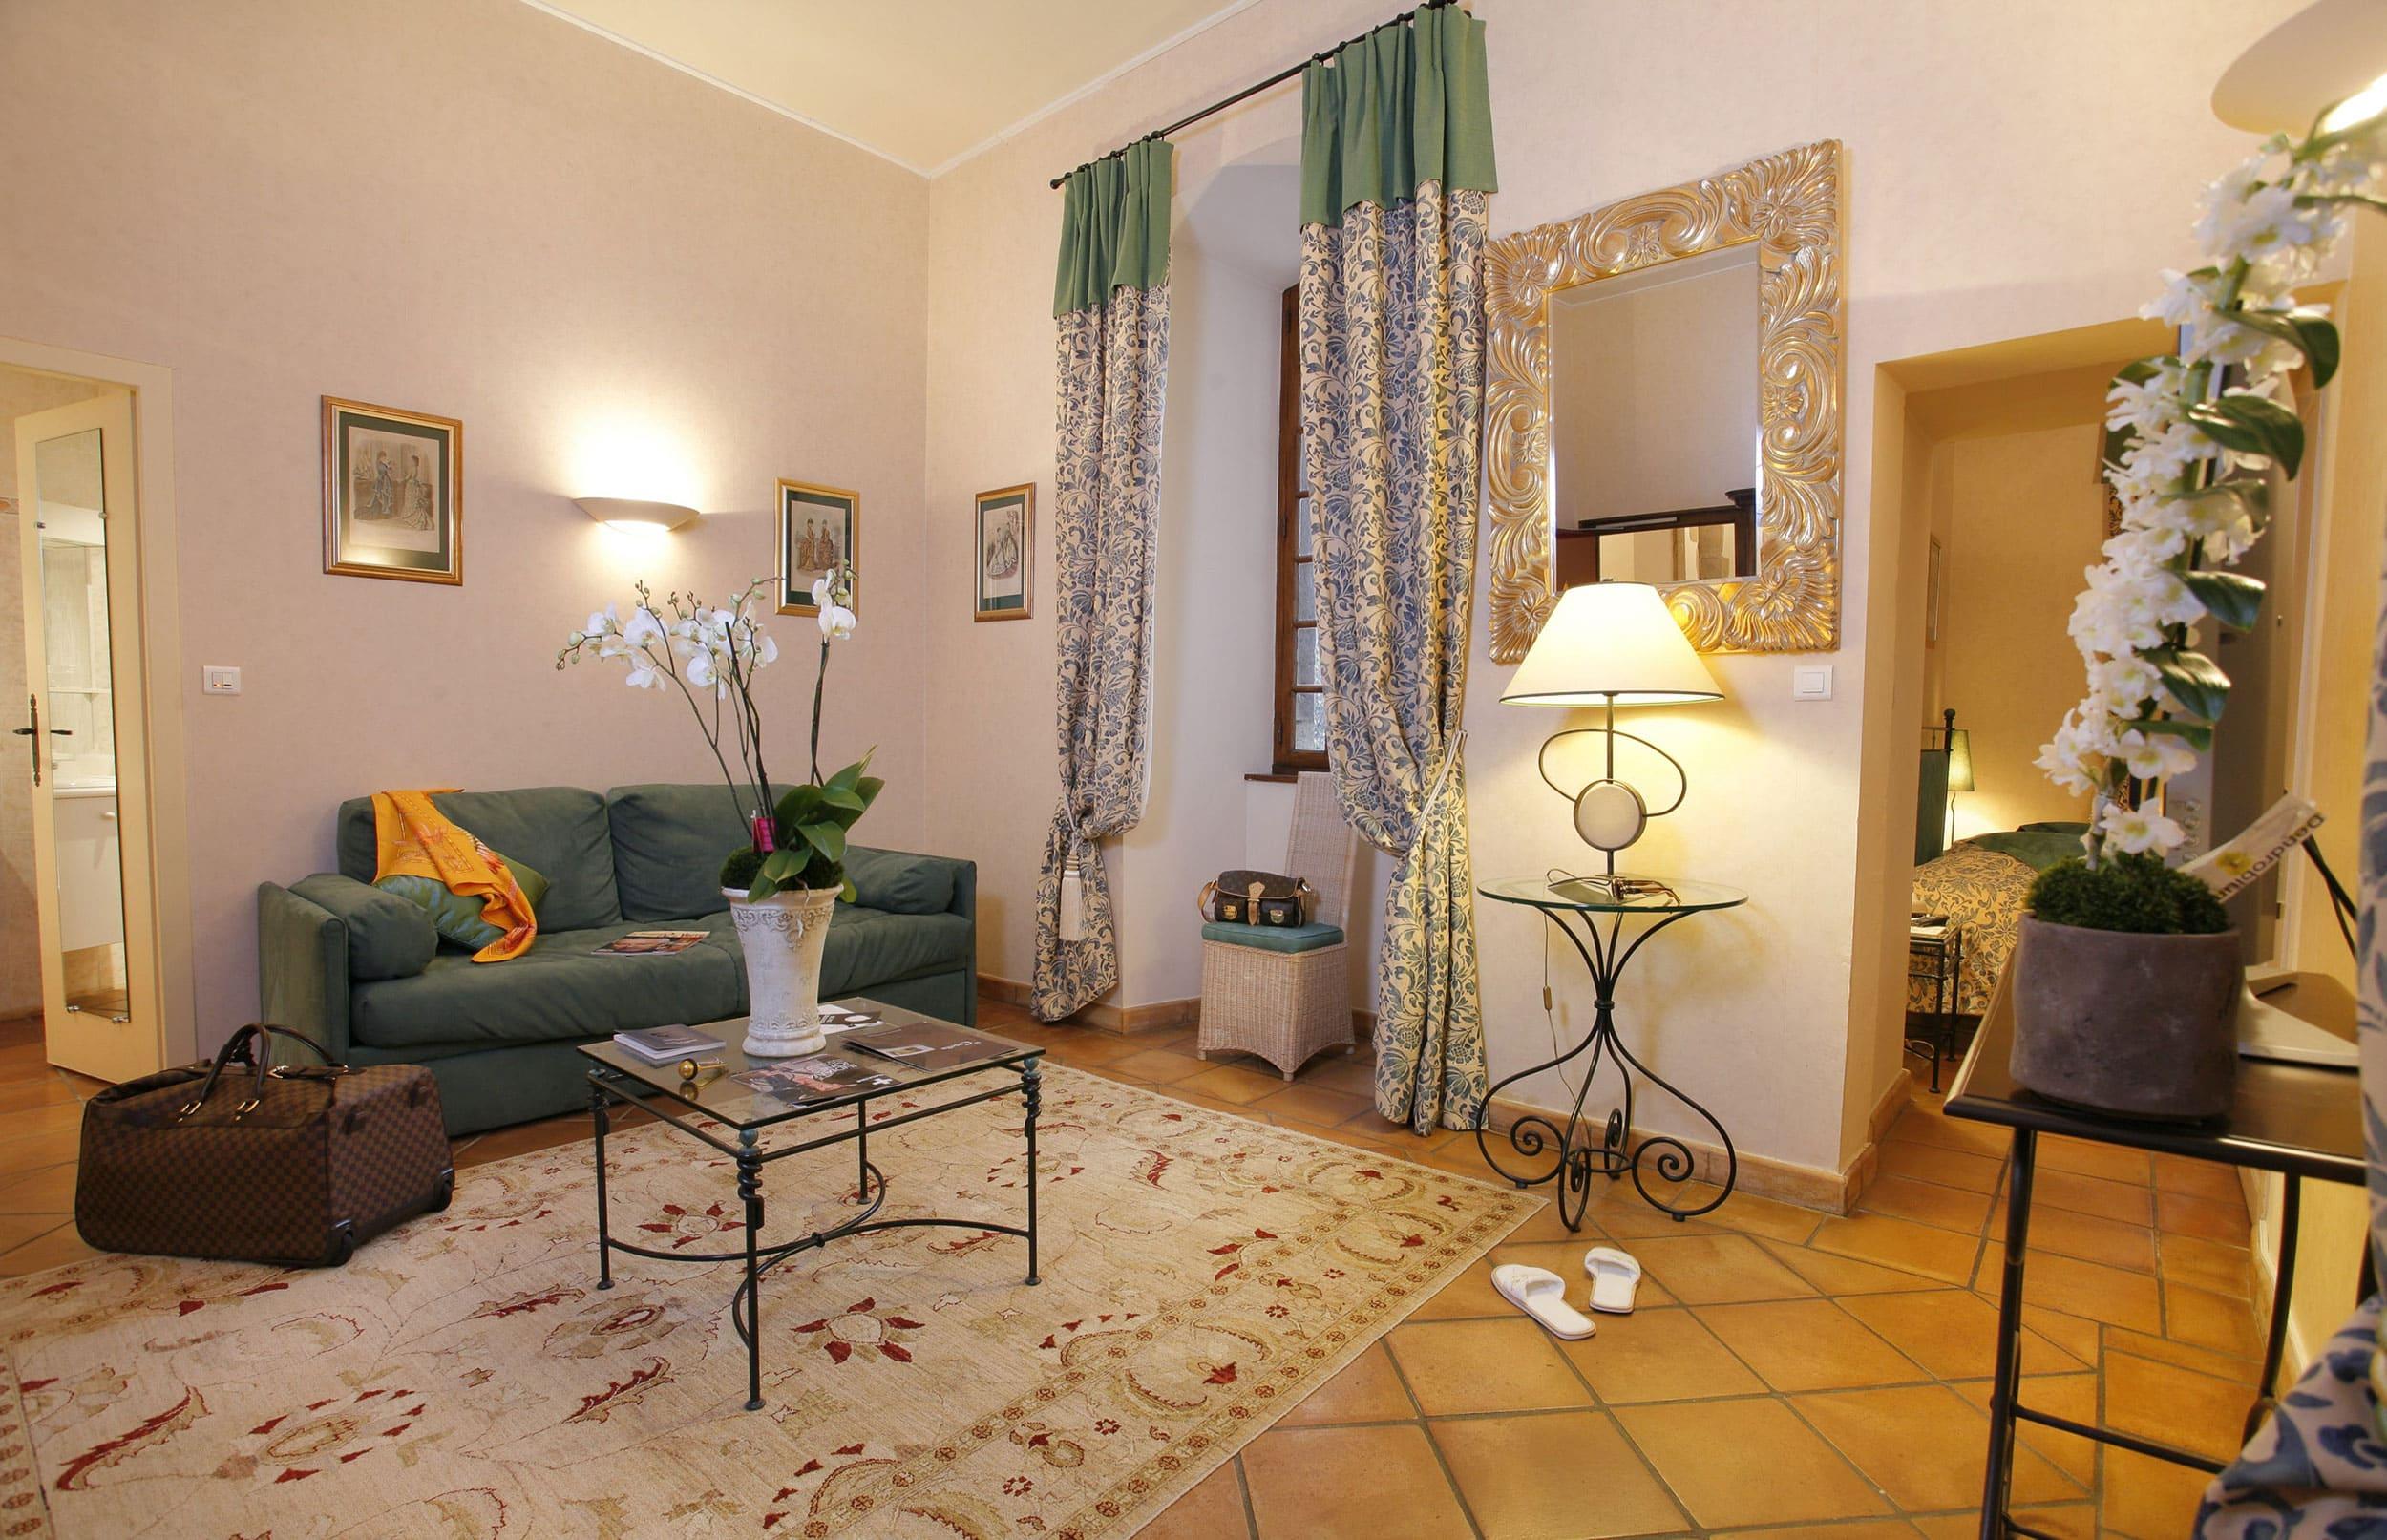 Salon d'une Chambre à ChateauChapeau Cornu à Vignieu dans l'Isère (38)